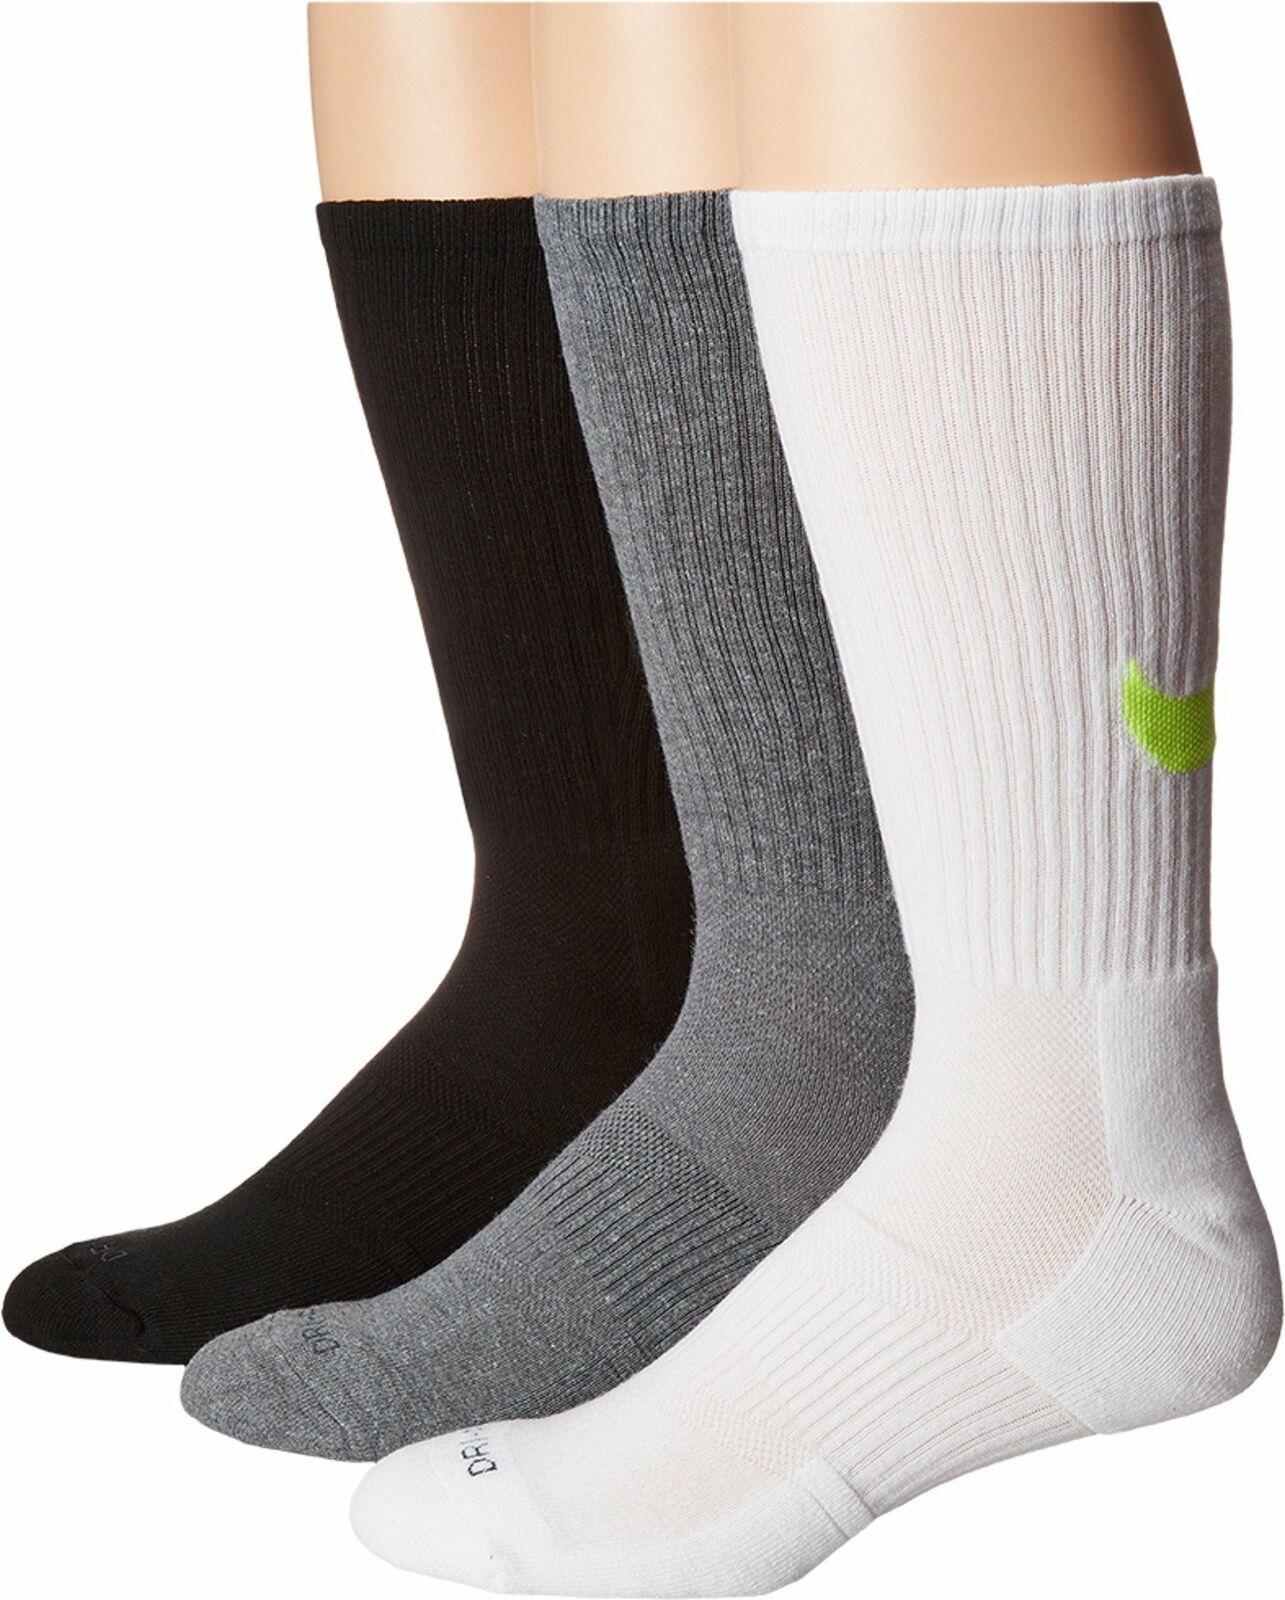 Unisex Nike 3 Pack Dry Cushion Crew Training Sock SX4950-946 SZ X-Large 12-15 - $20.00